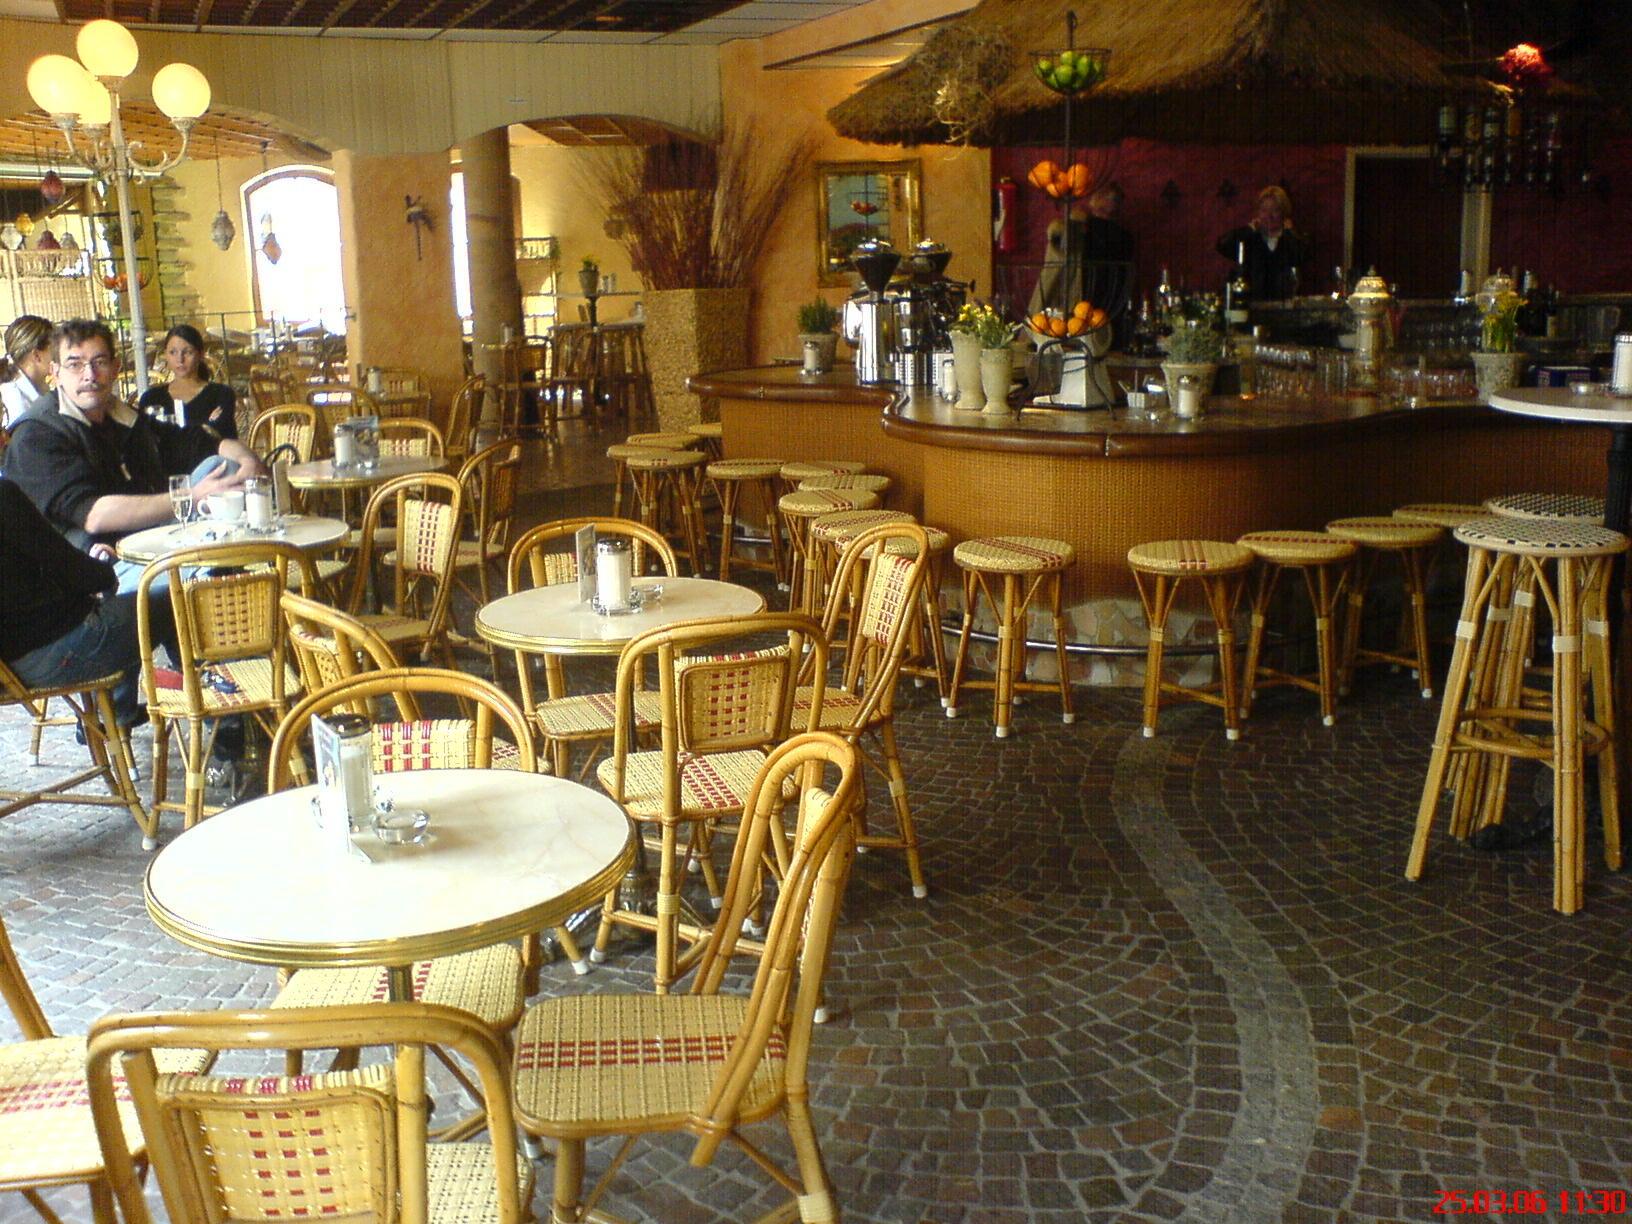 wir ber uns pierre vian bistro cafe einrichtung brasserie und gastronomiem bel gro handel. Black Bedroom Furniture Sets. Home Design Ideas